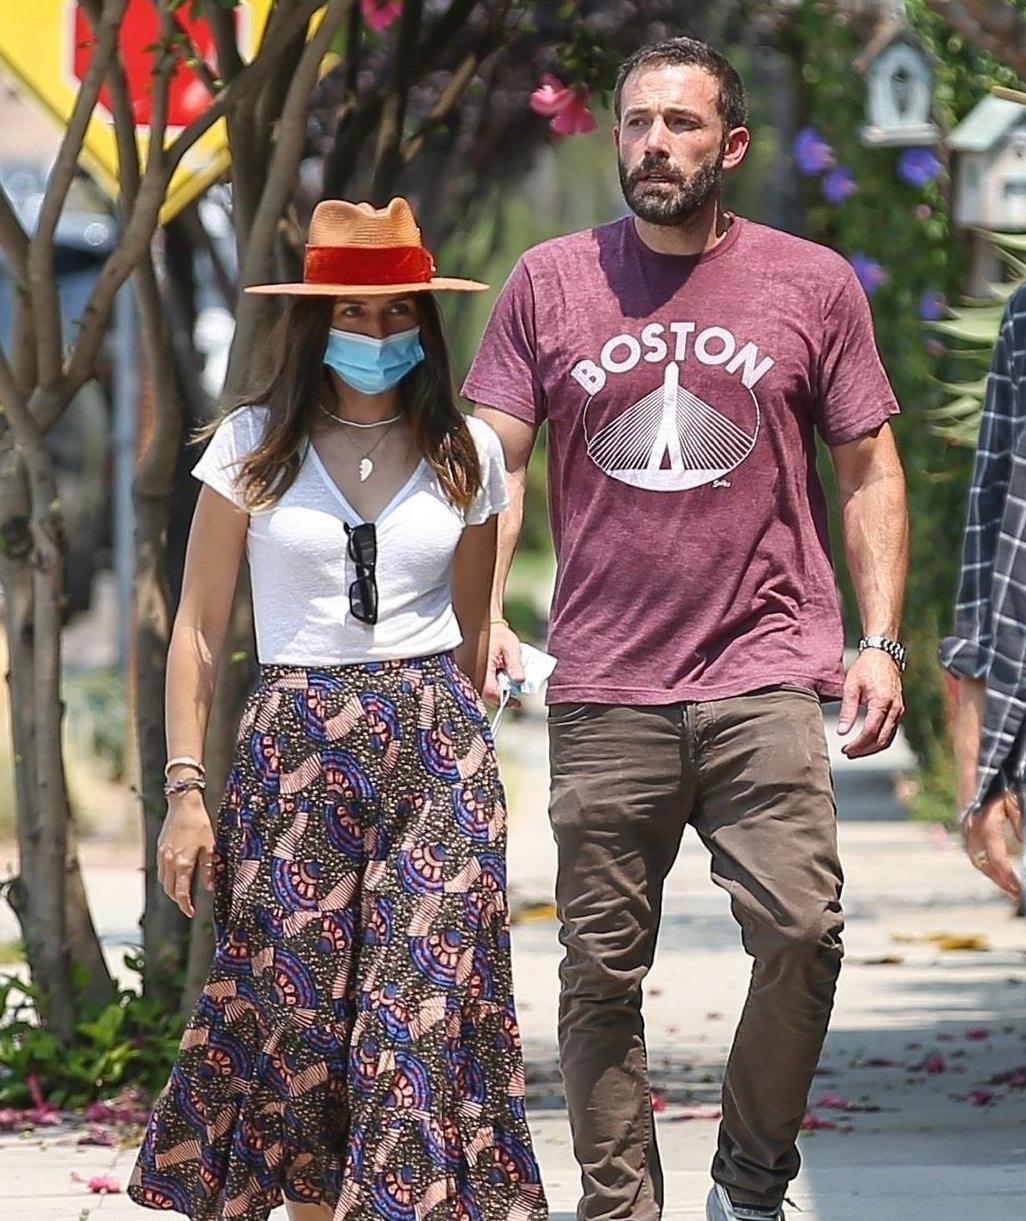 安娜·德·阿玛斯戴牛仔帽穿花裙真潇洒,和男友秀恩爱像一对小情